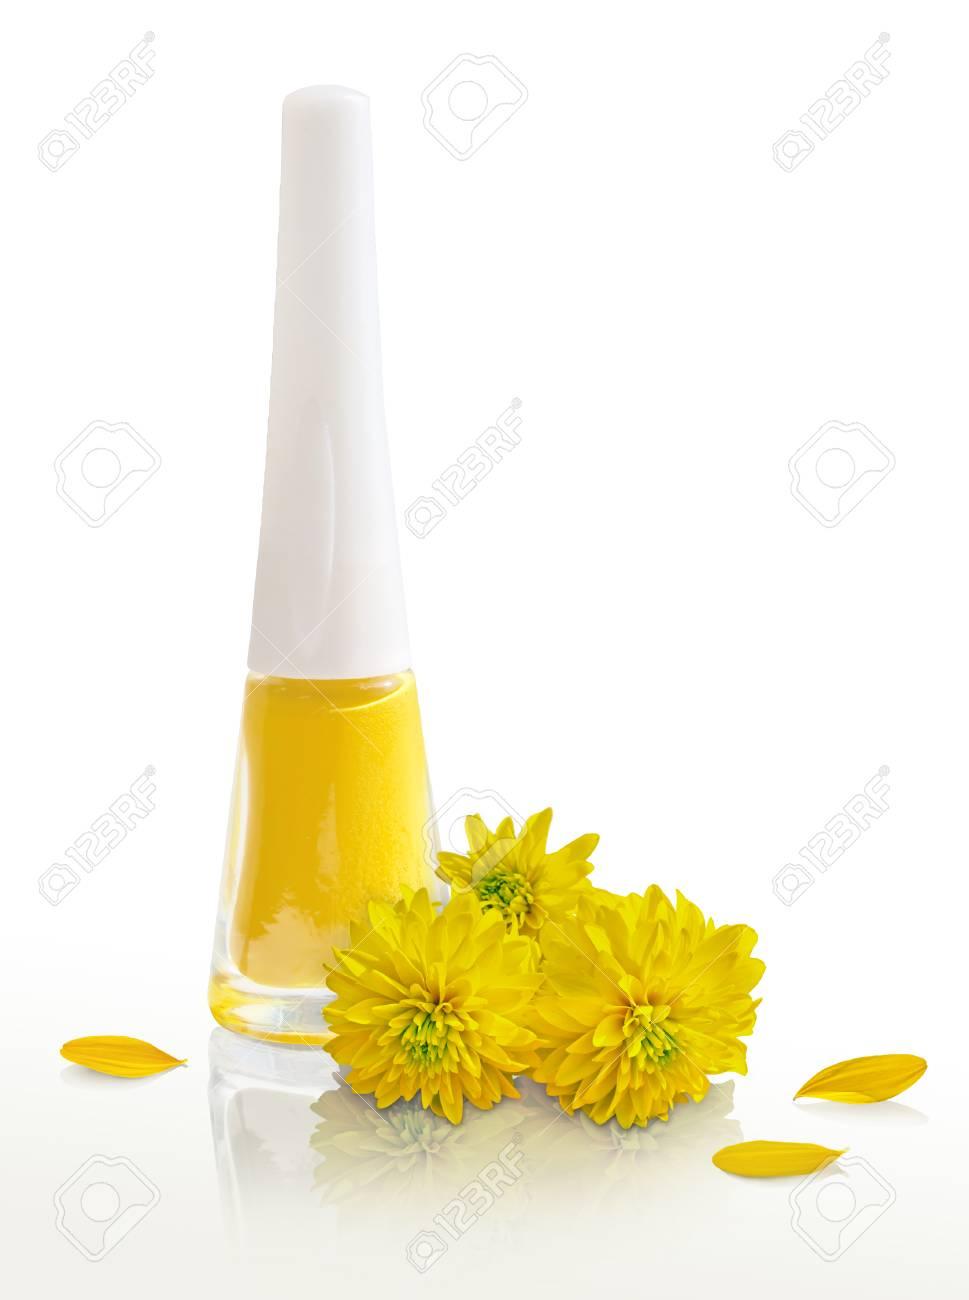 Esmalte De Uñas Y Amarillas Flores Amarillas Los Pétalos En Un Fondo Blanco